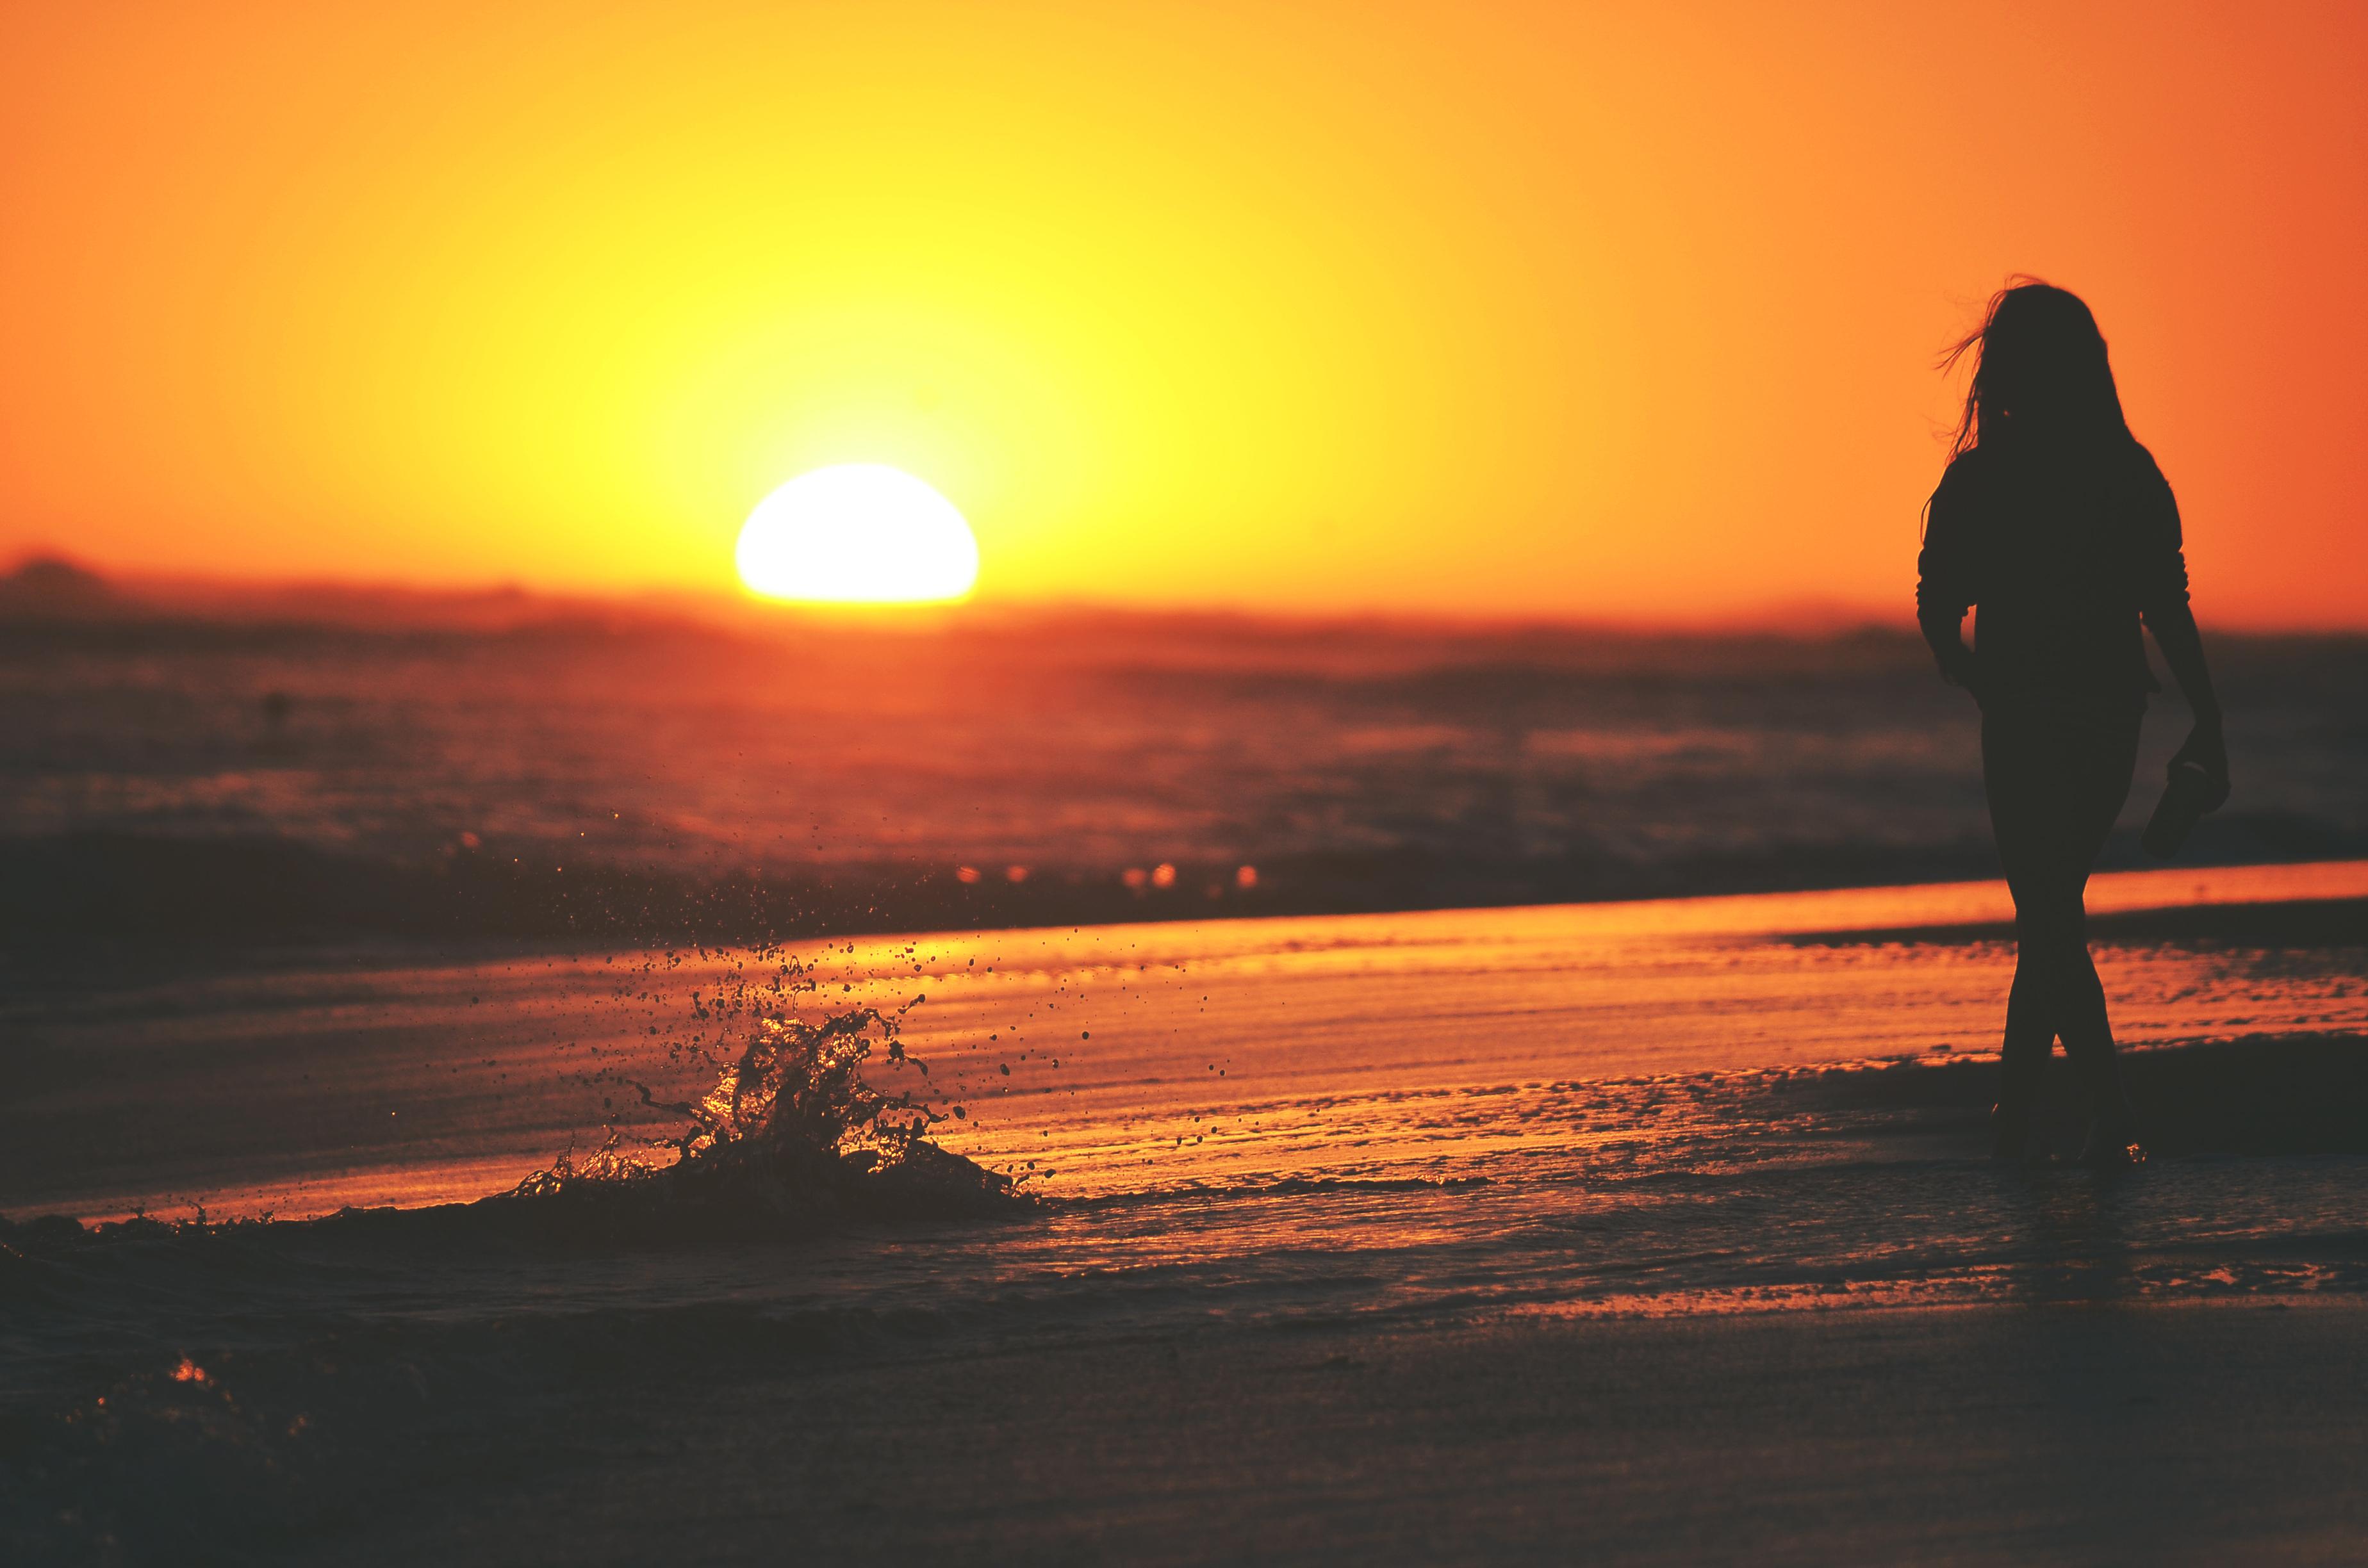 Girl on Sunset Beach HD Wallpapers 21868 - Baltana